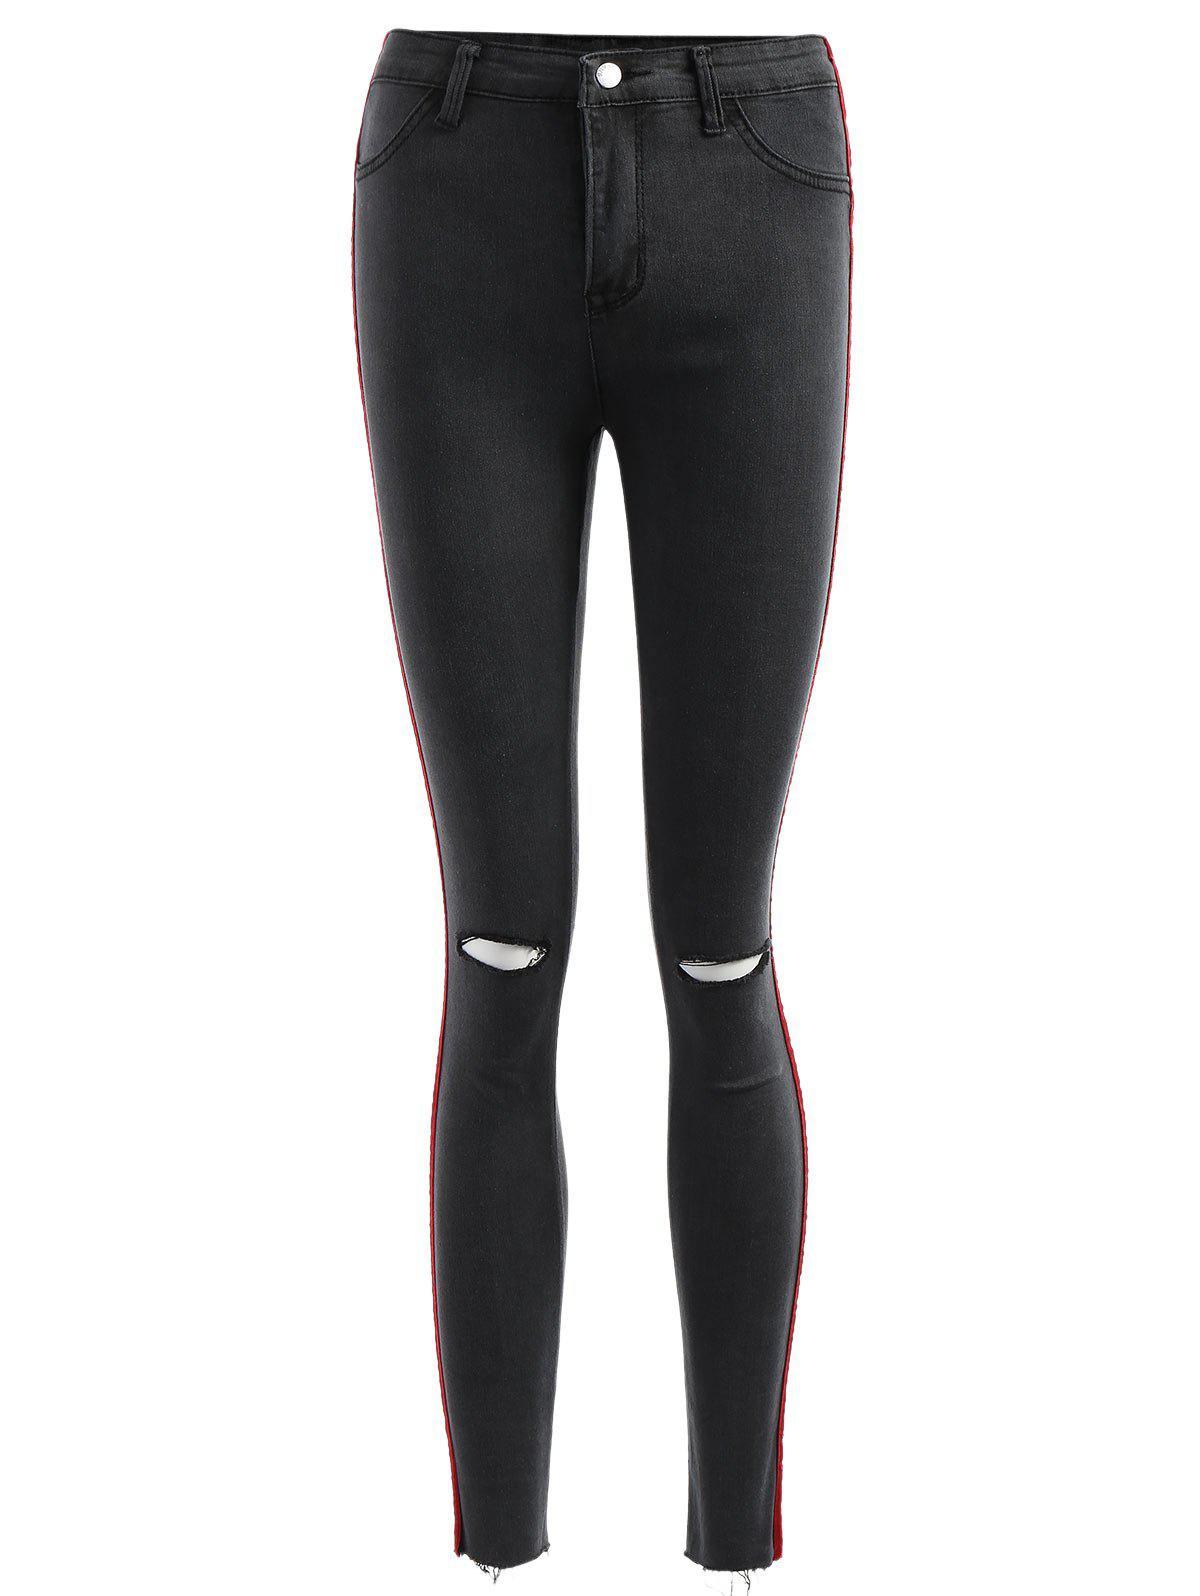 Velvet Panel Ripped Jeans 259017802